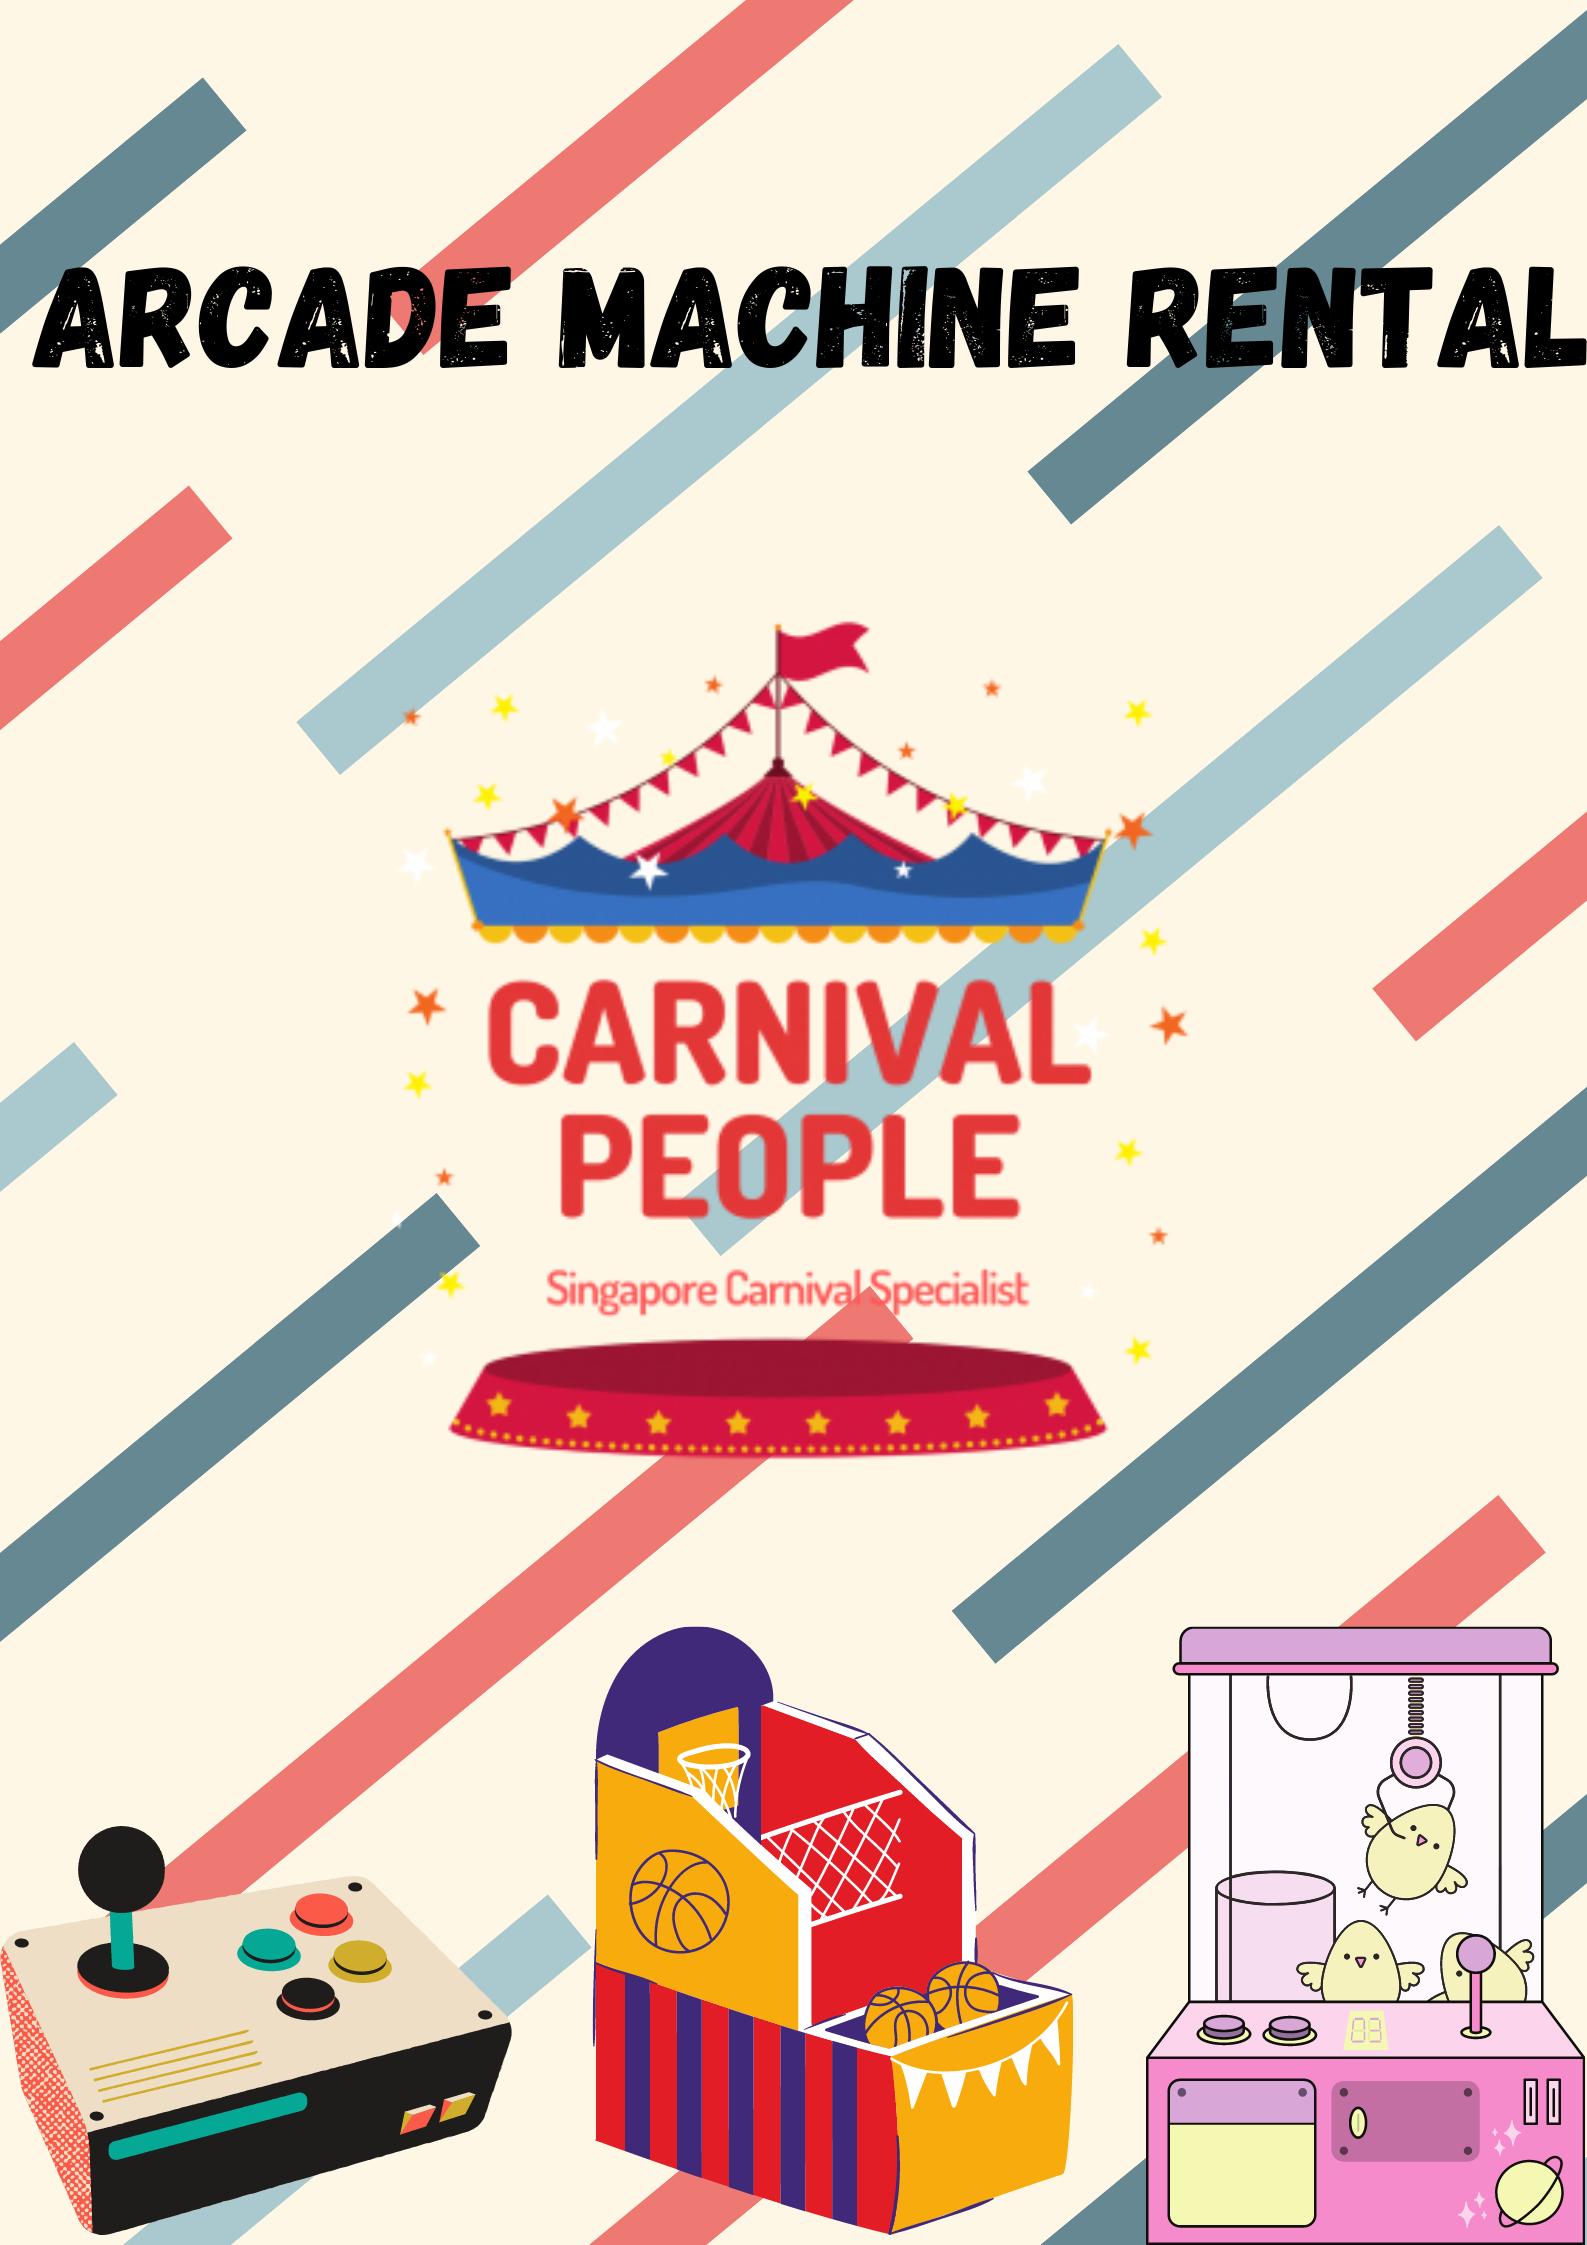 Arcade Machine Rental